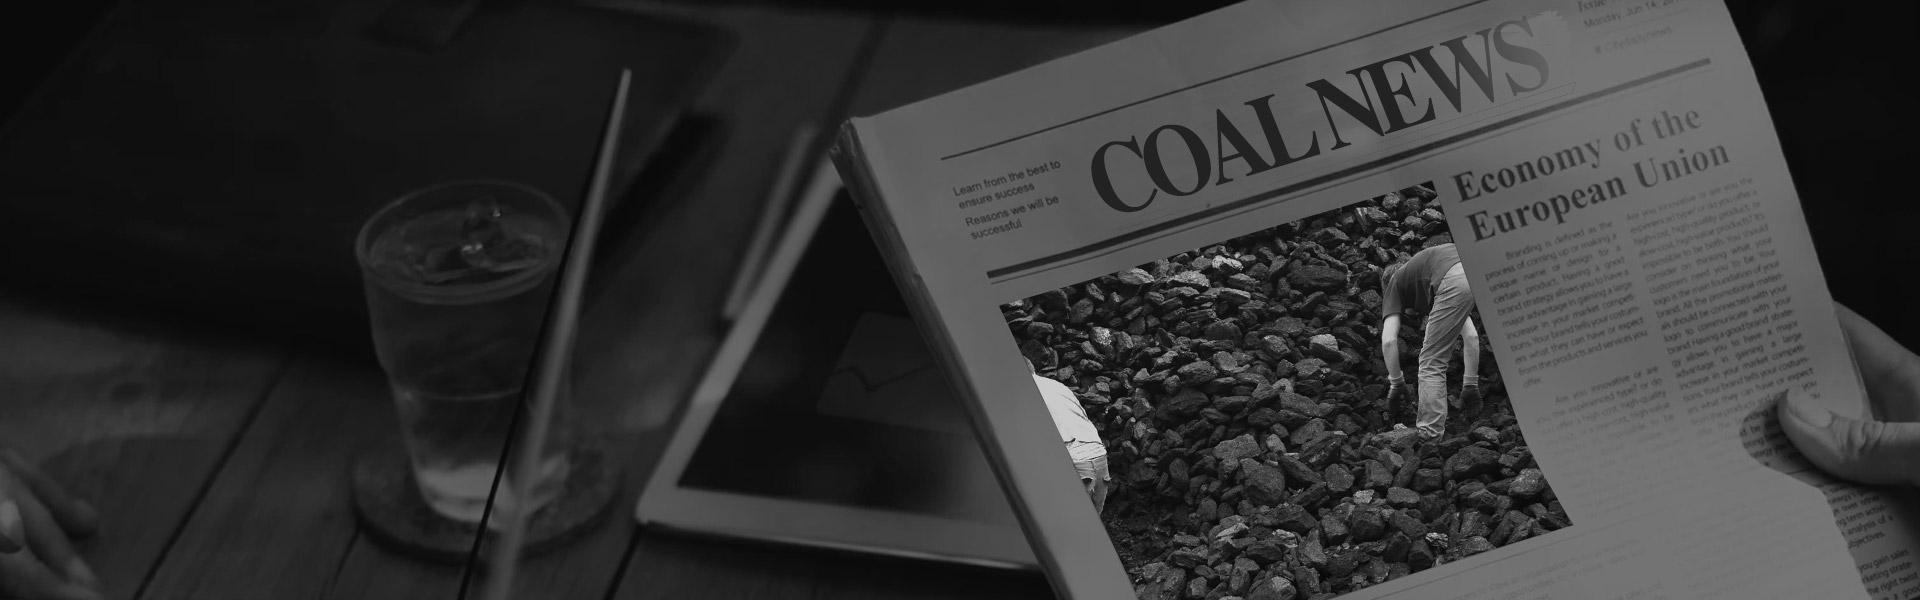 河北省会日前制定《石家庄市2019年劣质散煤管控夏季会战行动方案》,将强力完成散煤回收、置换工作,同时,依法查处劣质散煤销售网点,严厉